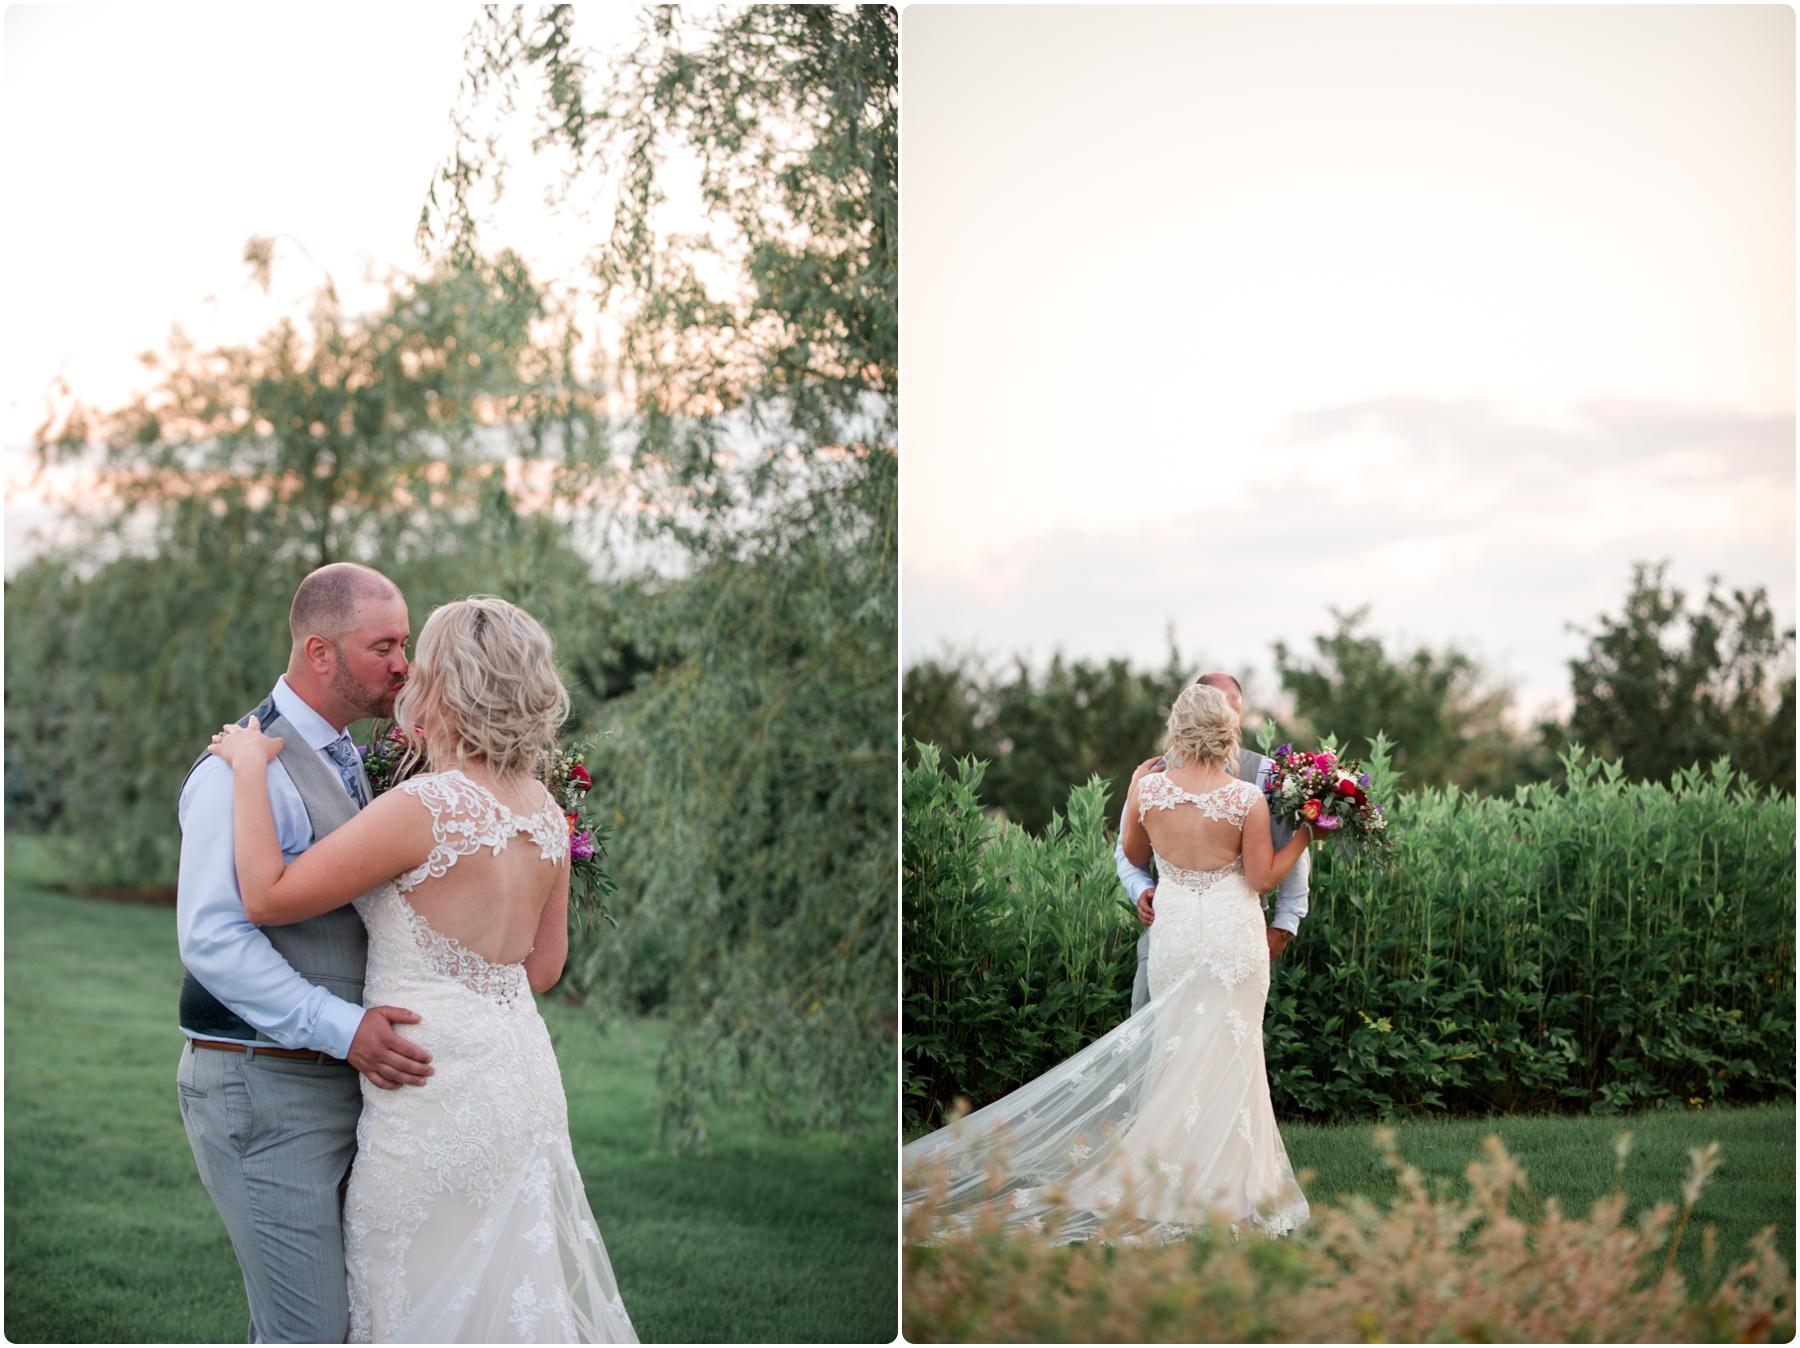 Katie+Jeff Bloom Field Garden_0124